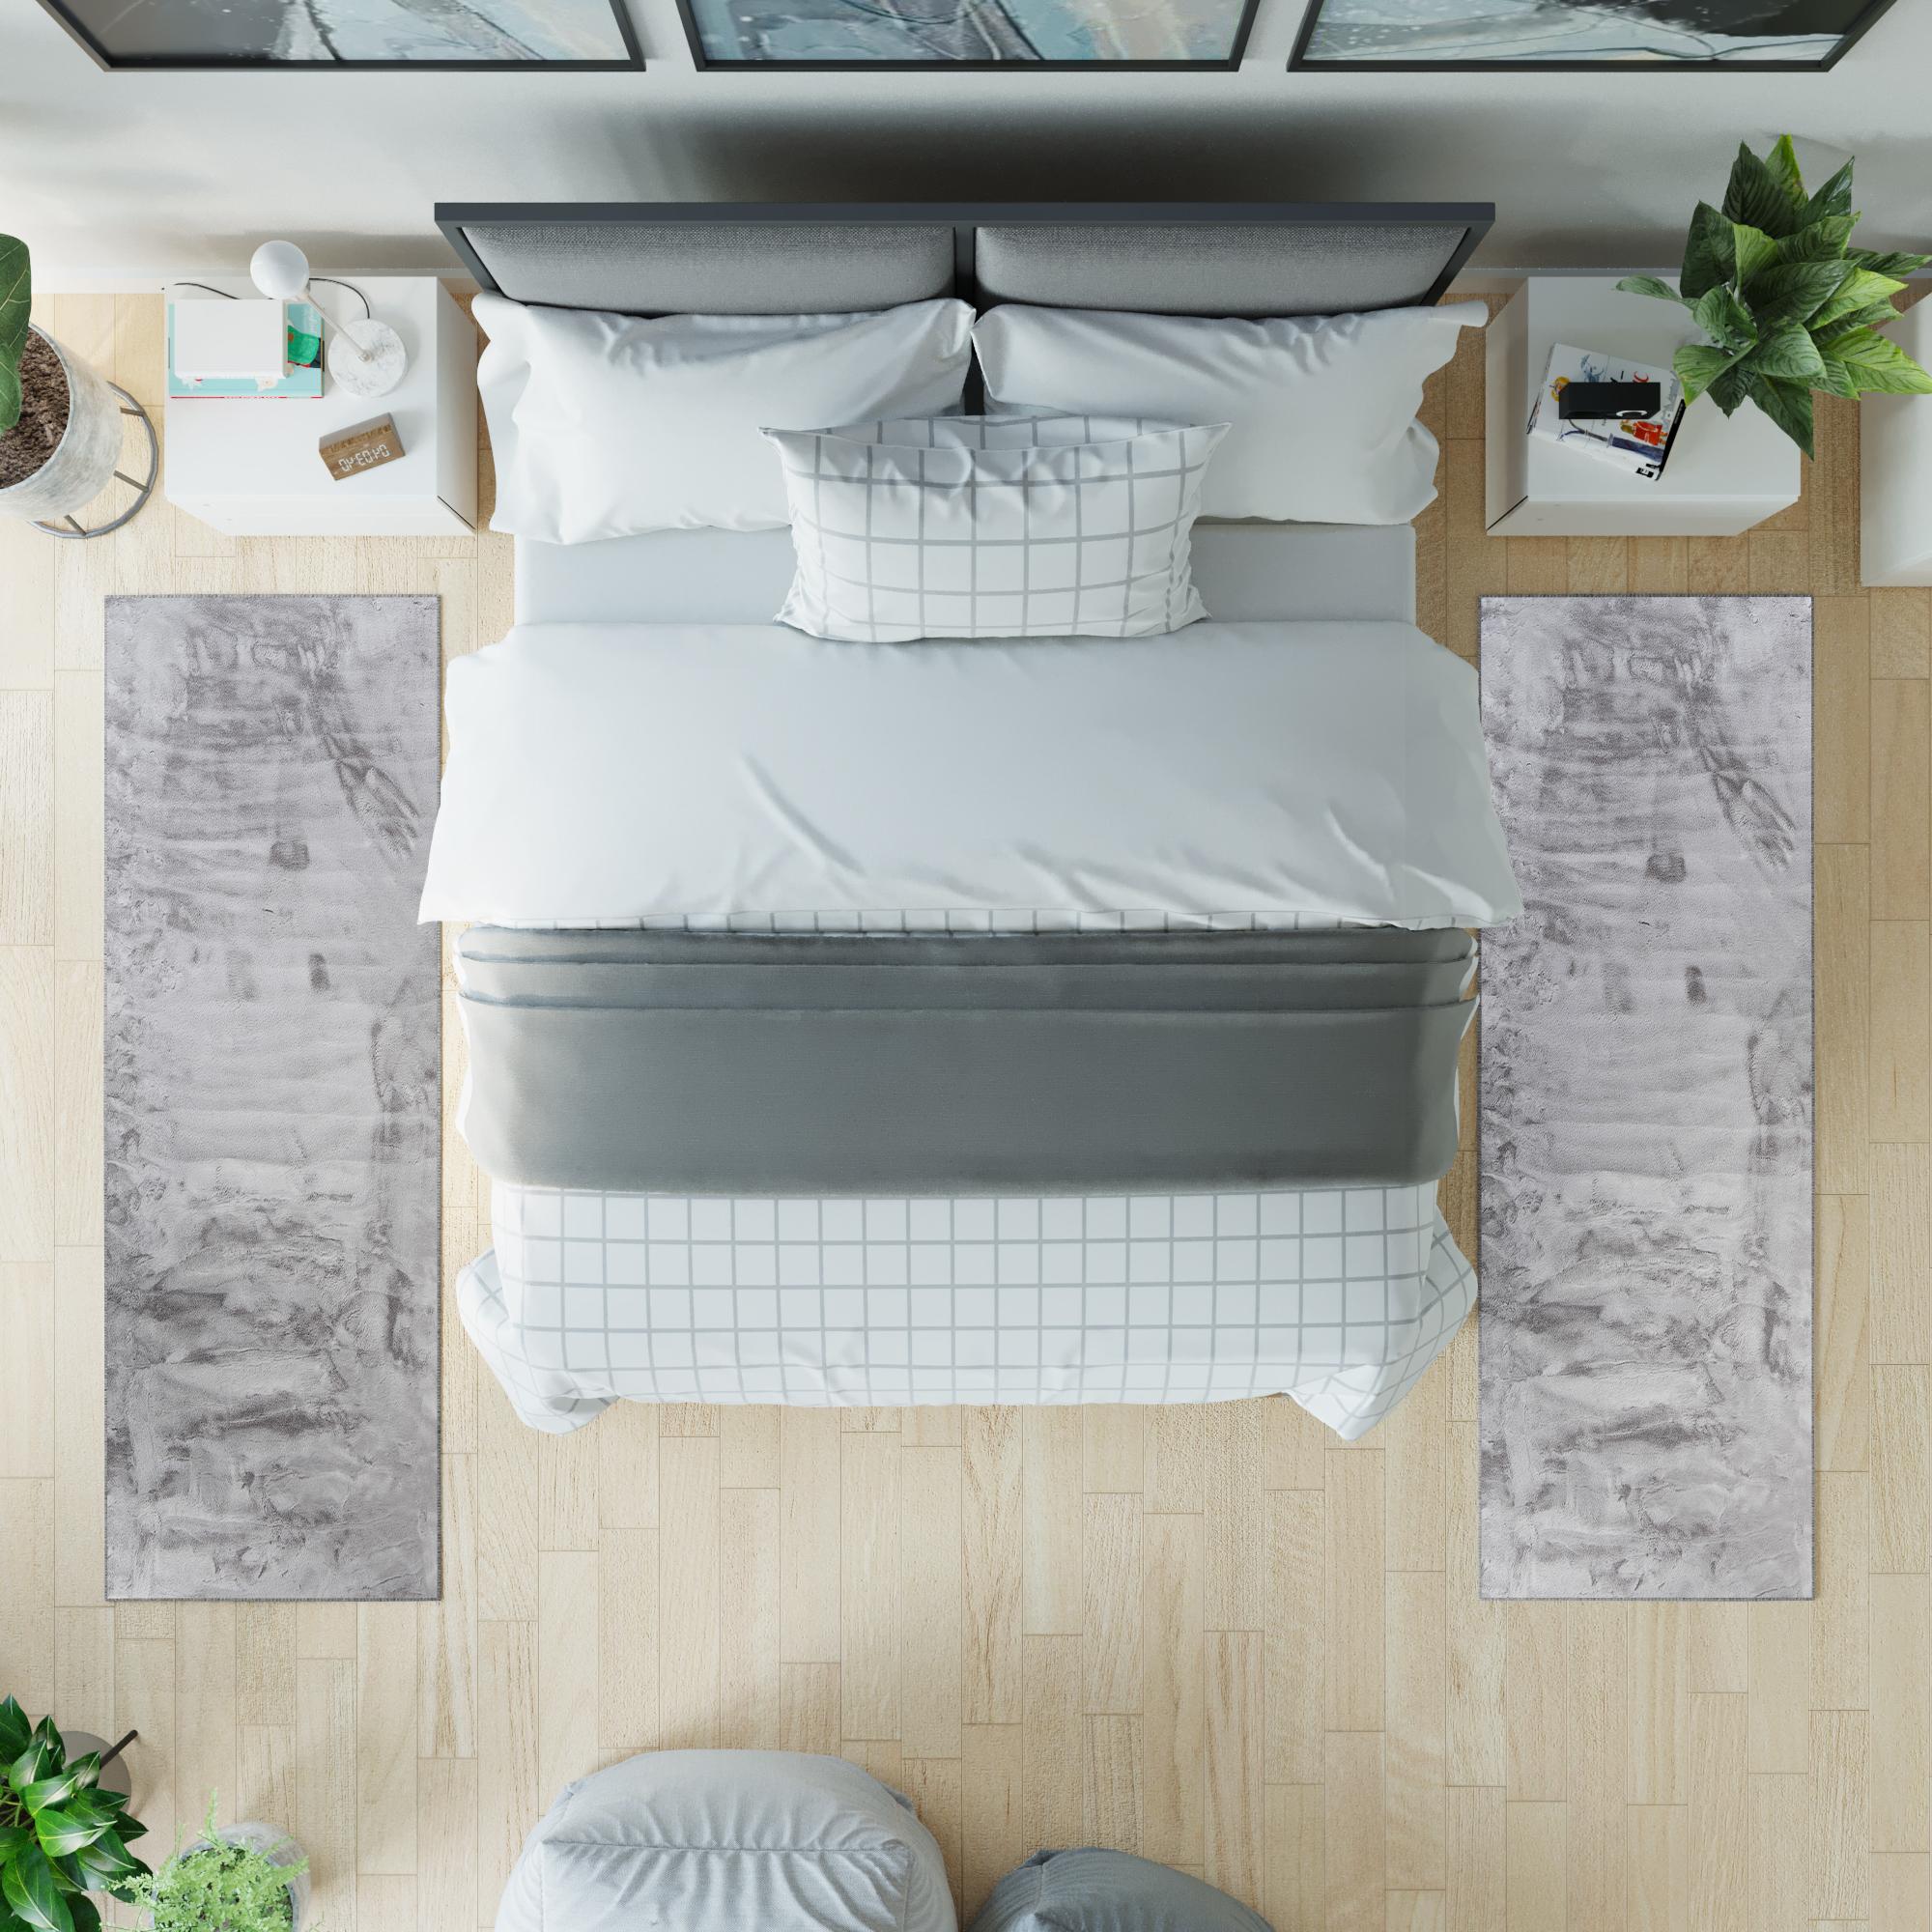 Jednokolorowy dywan w sypialni – wady i zalety